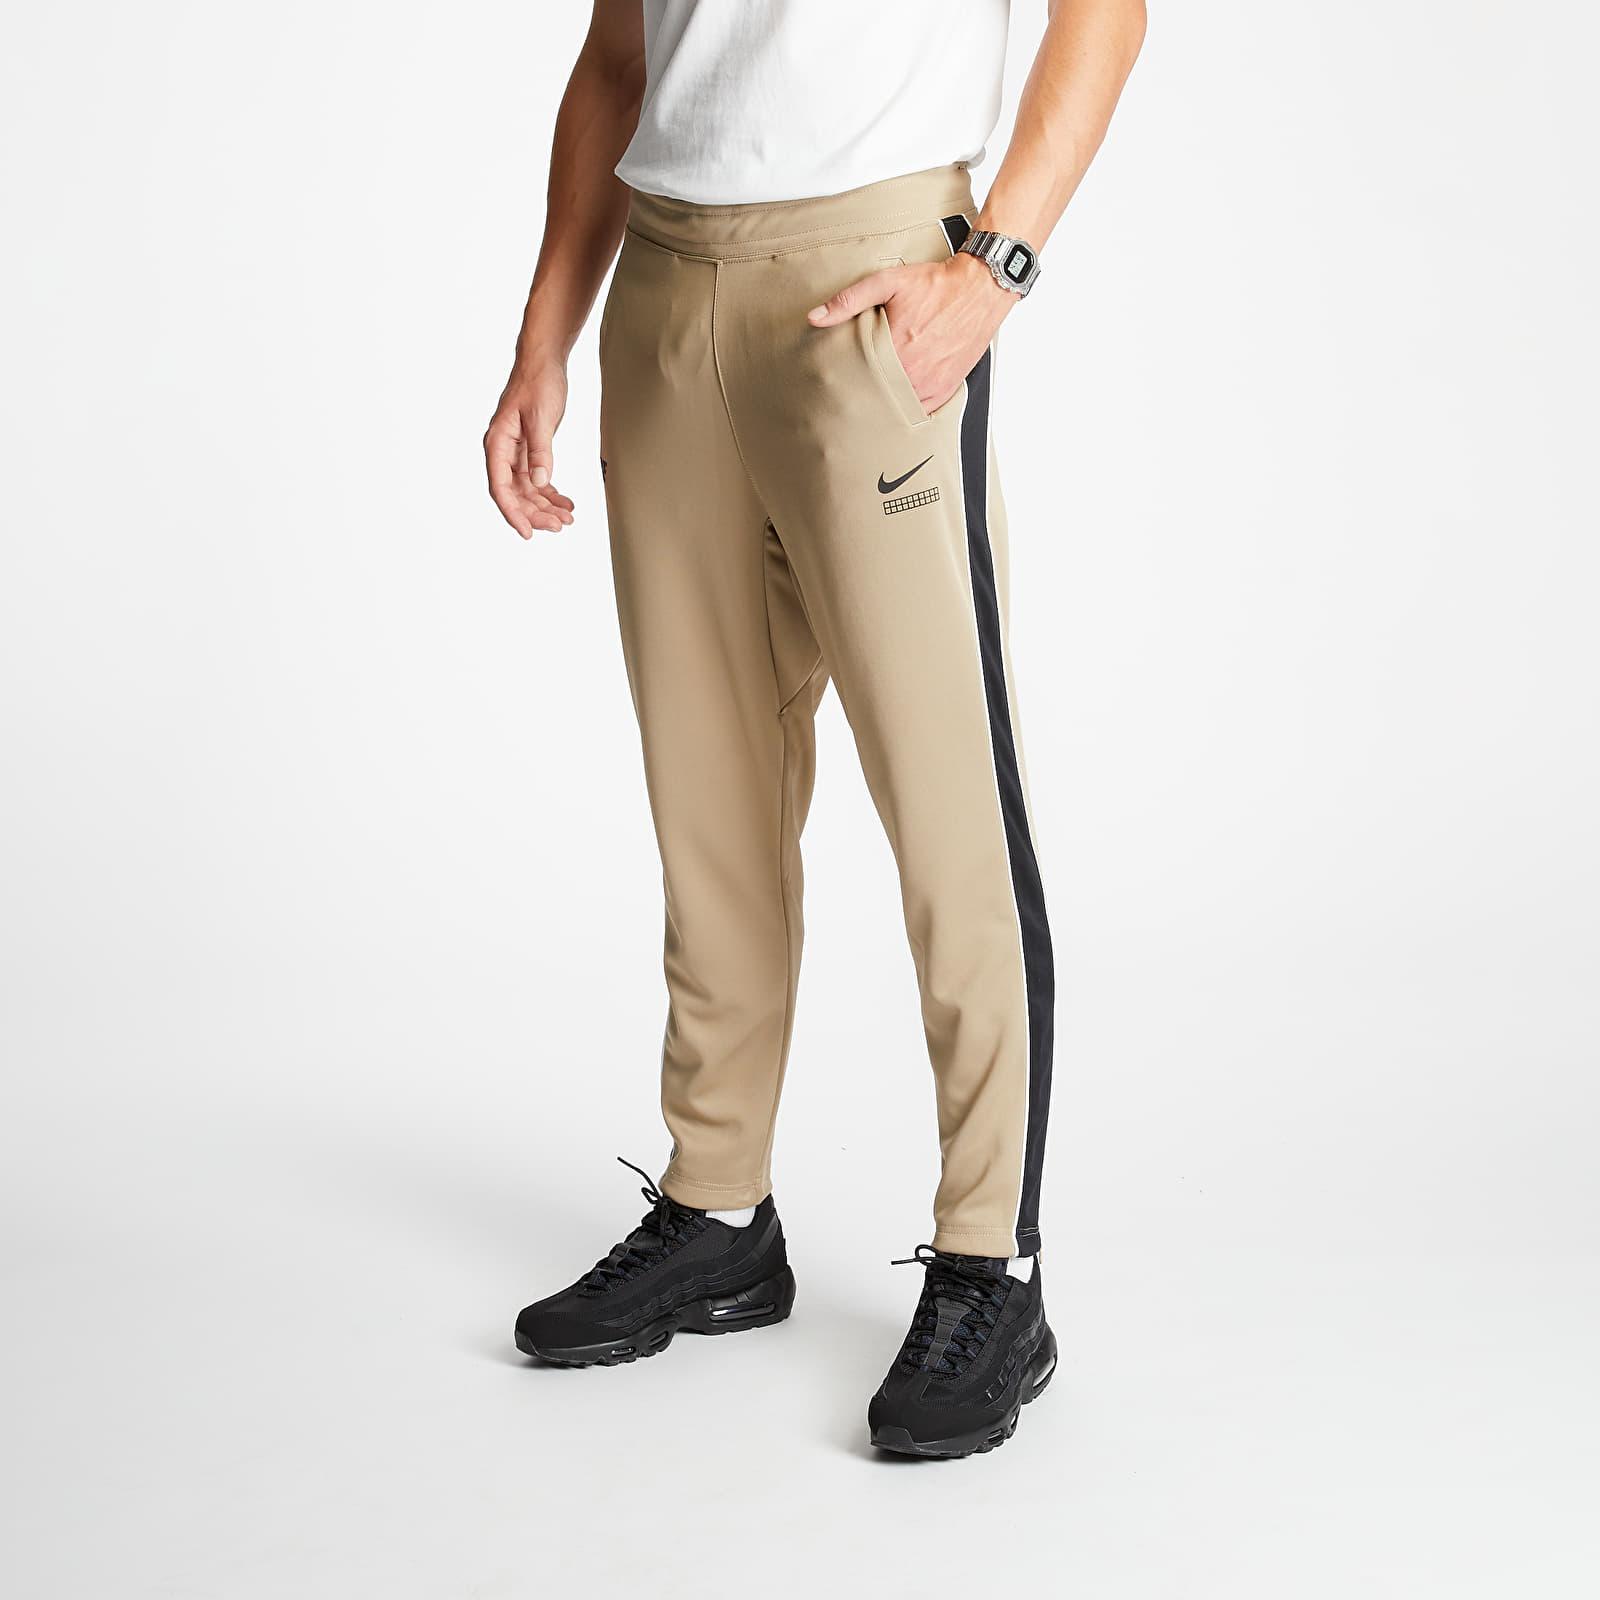 Nike Sportswear DNA PK Pants Khaki/ Black/ White, Green